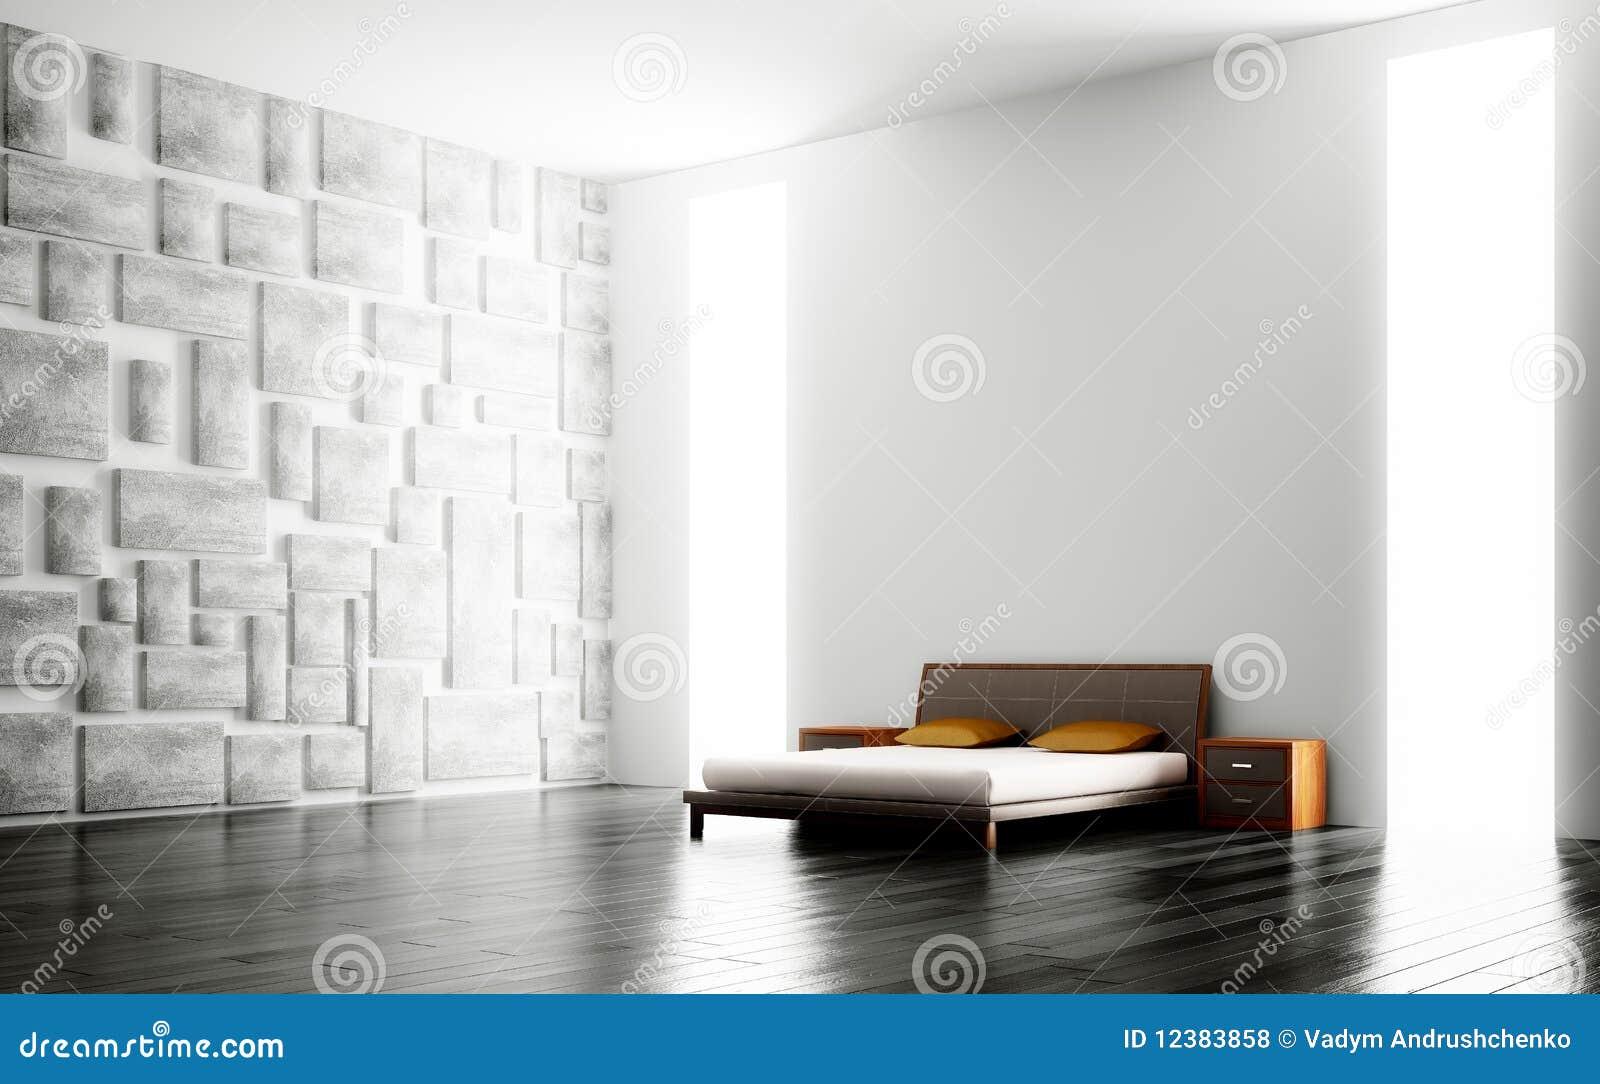 Chambre A Coucher Oran Avec Des Id Es Int Ressantes Pour La Conception De La Chambre